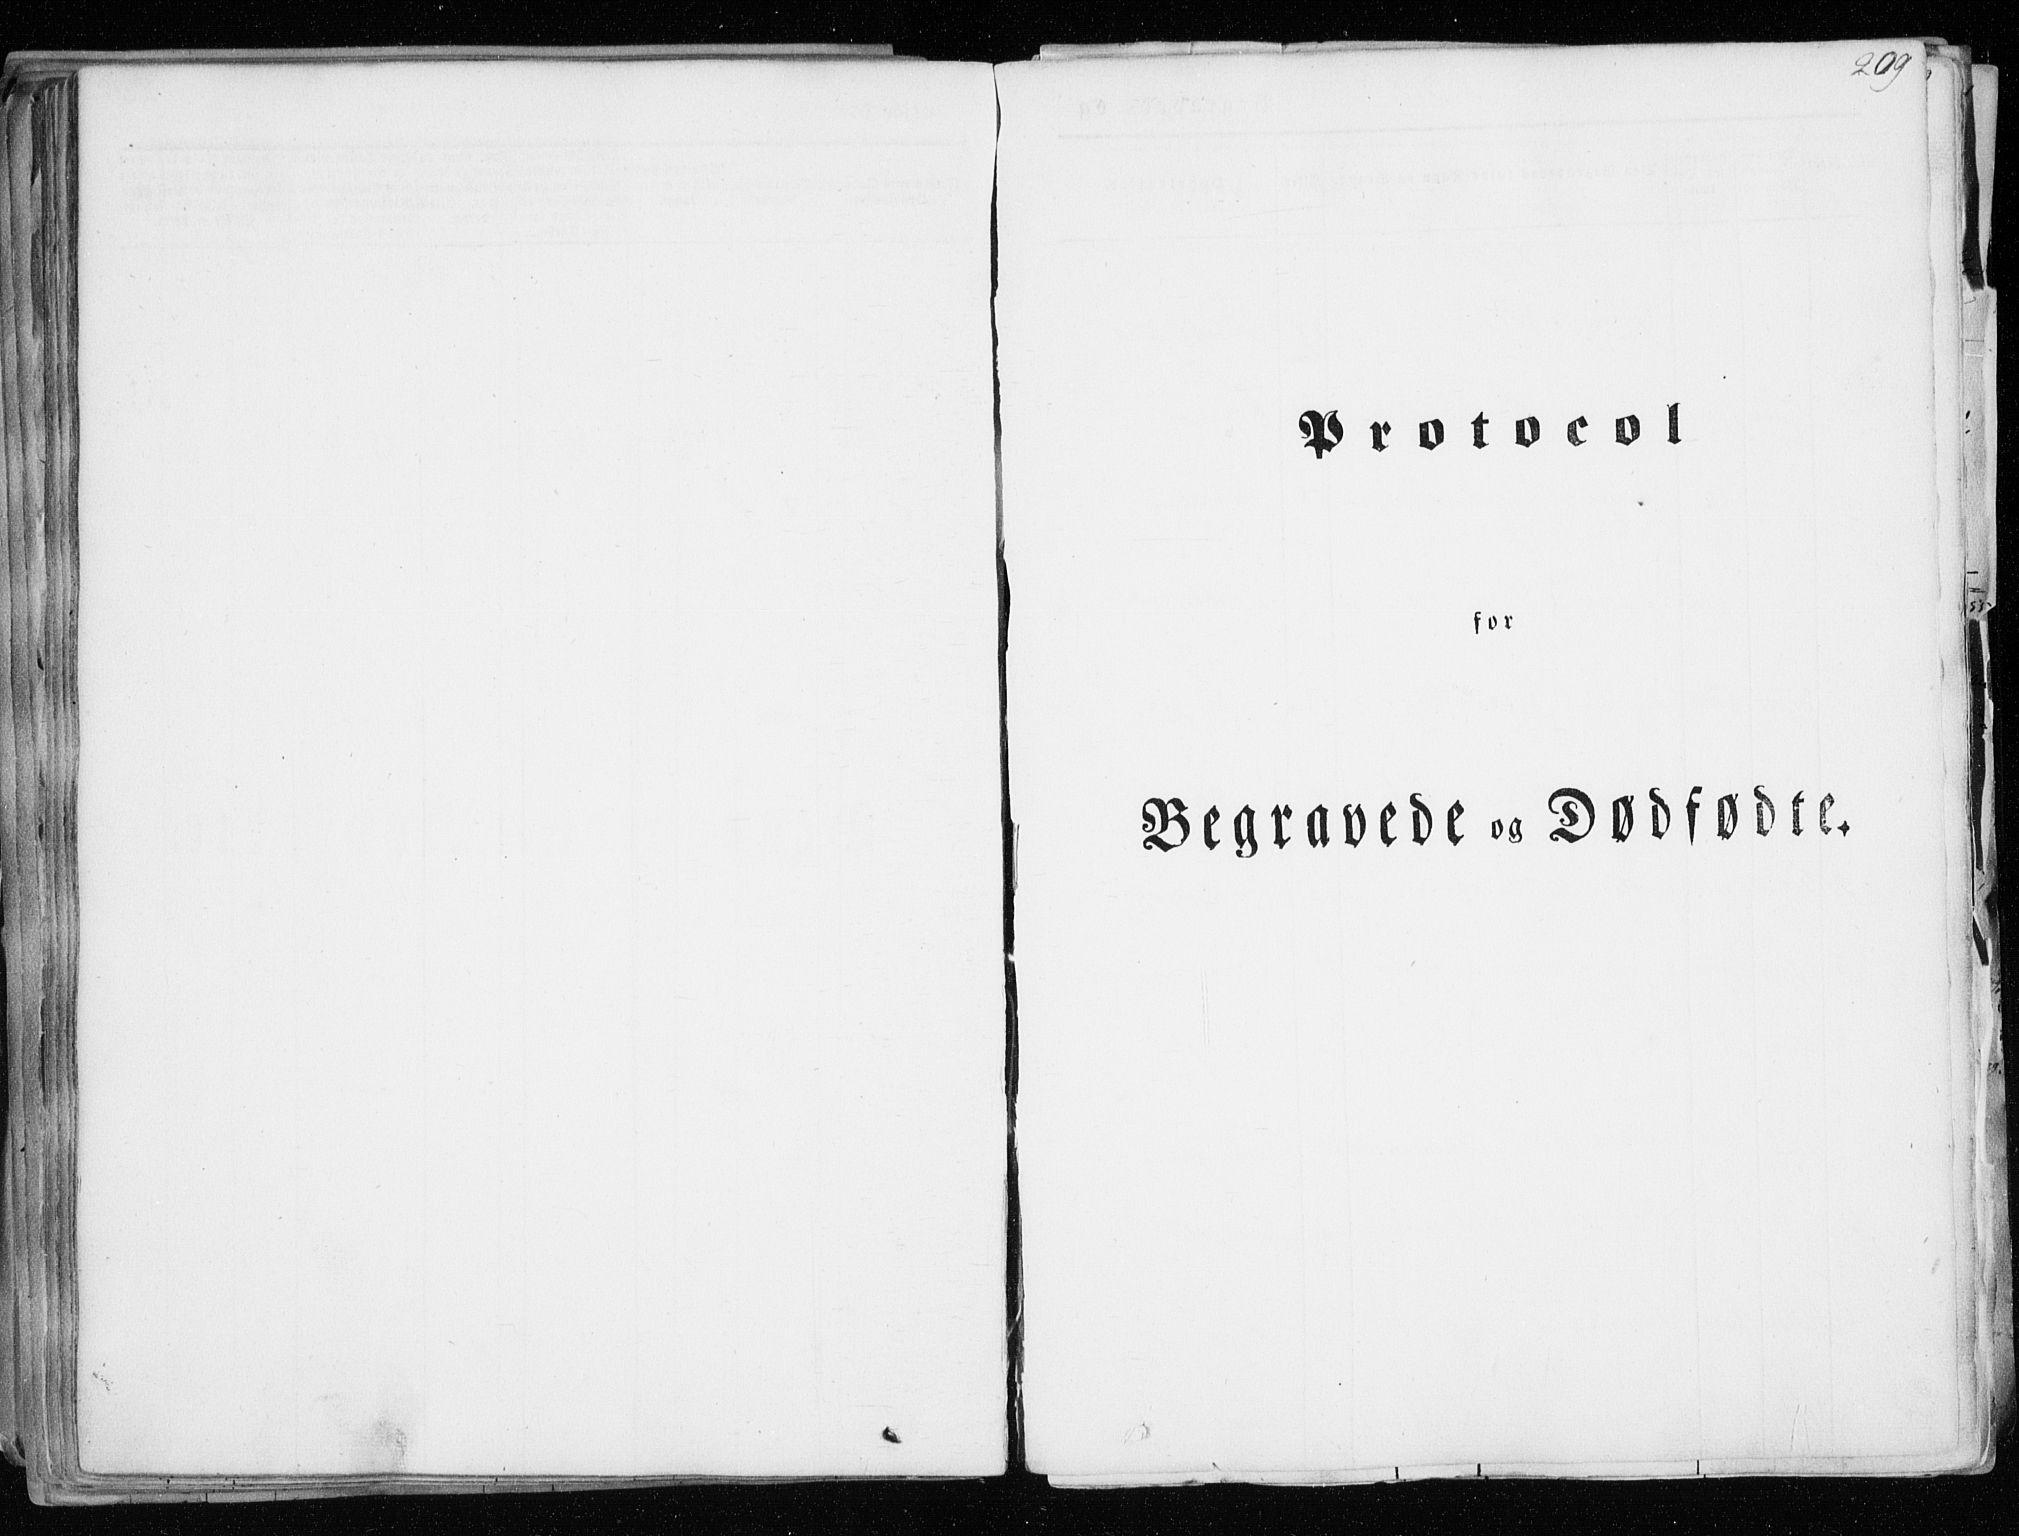 SATØ, Tranøy sokneprestkontor, I/Ia/Iaa/L0006kirke: Parish register (official) no. 6, 1844-1855, p. 209